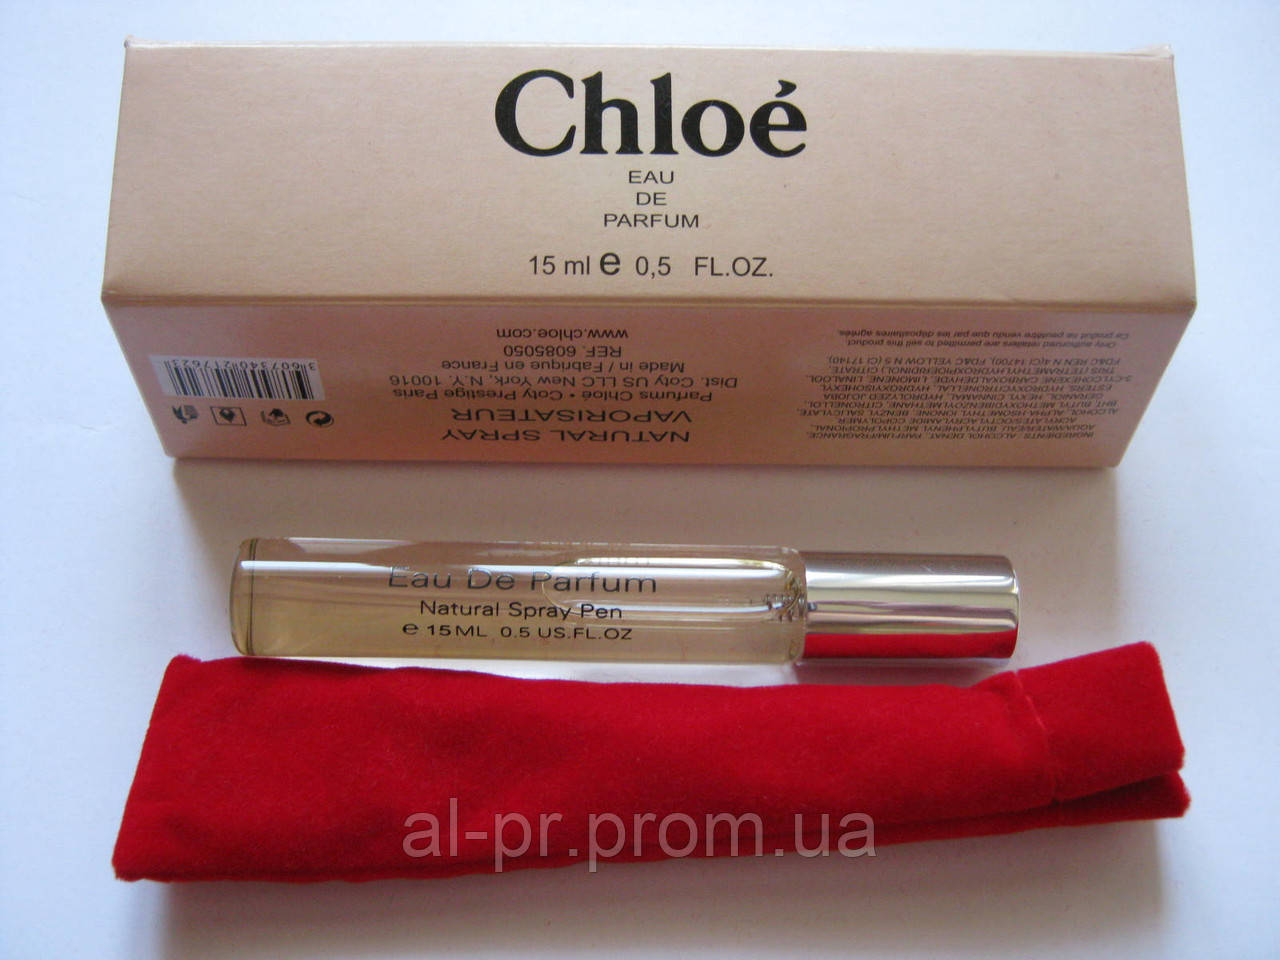 мини парфюм Chloe Eau De Parfum продажа цена в киеве парфюмерия